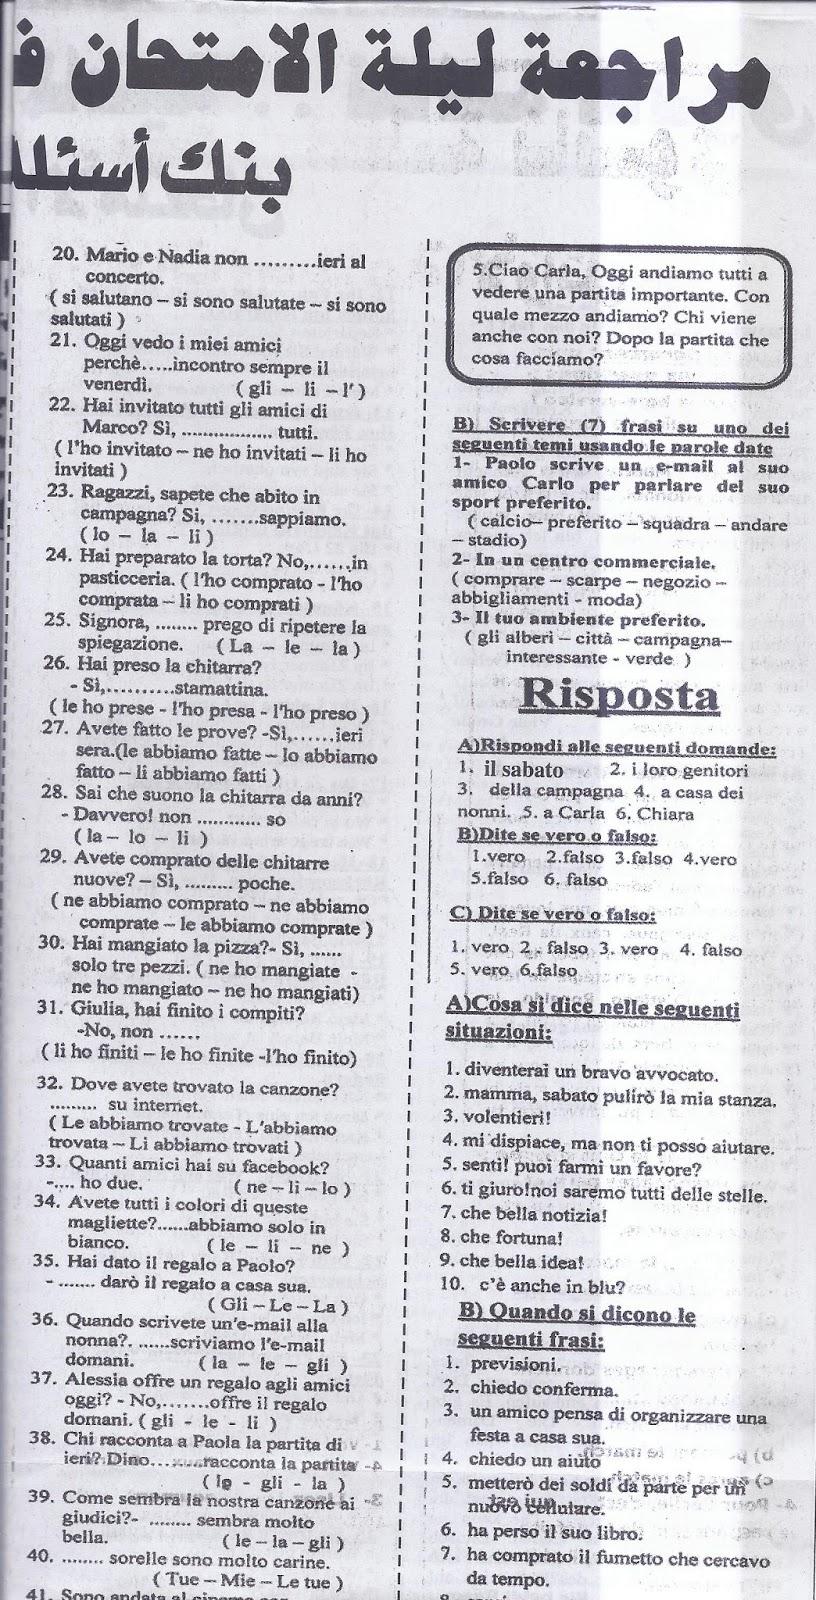 أهم أسئلة اللغة الإيطالية المتوقعة لامتحان الثانوية العامة 2016 .. بالاجابات 14